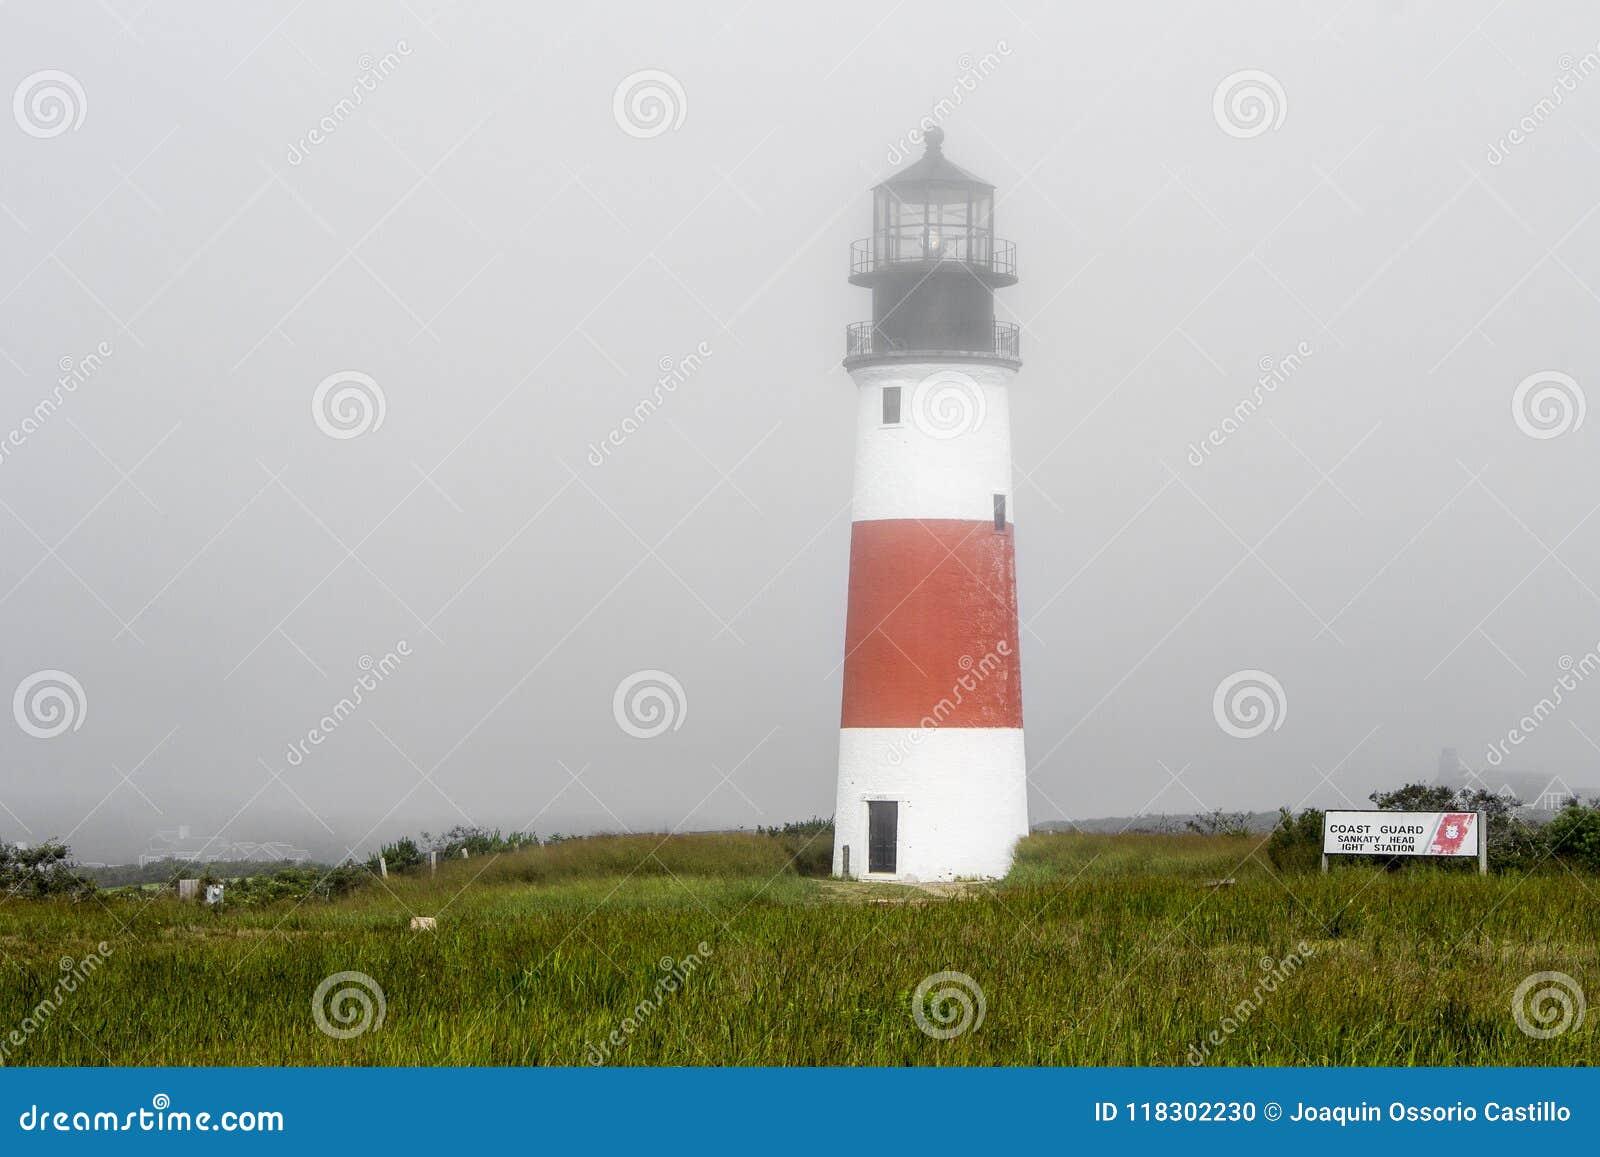 Sankaty dirigent la lumière, île de Nantucket, le Massachusetts